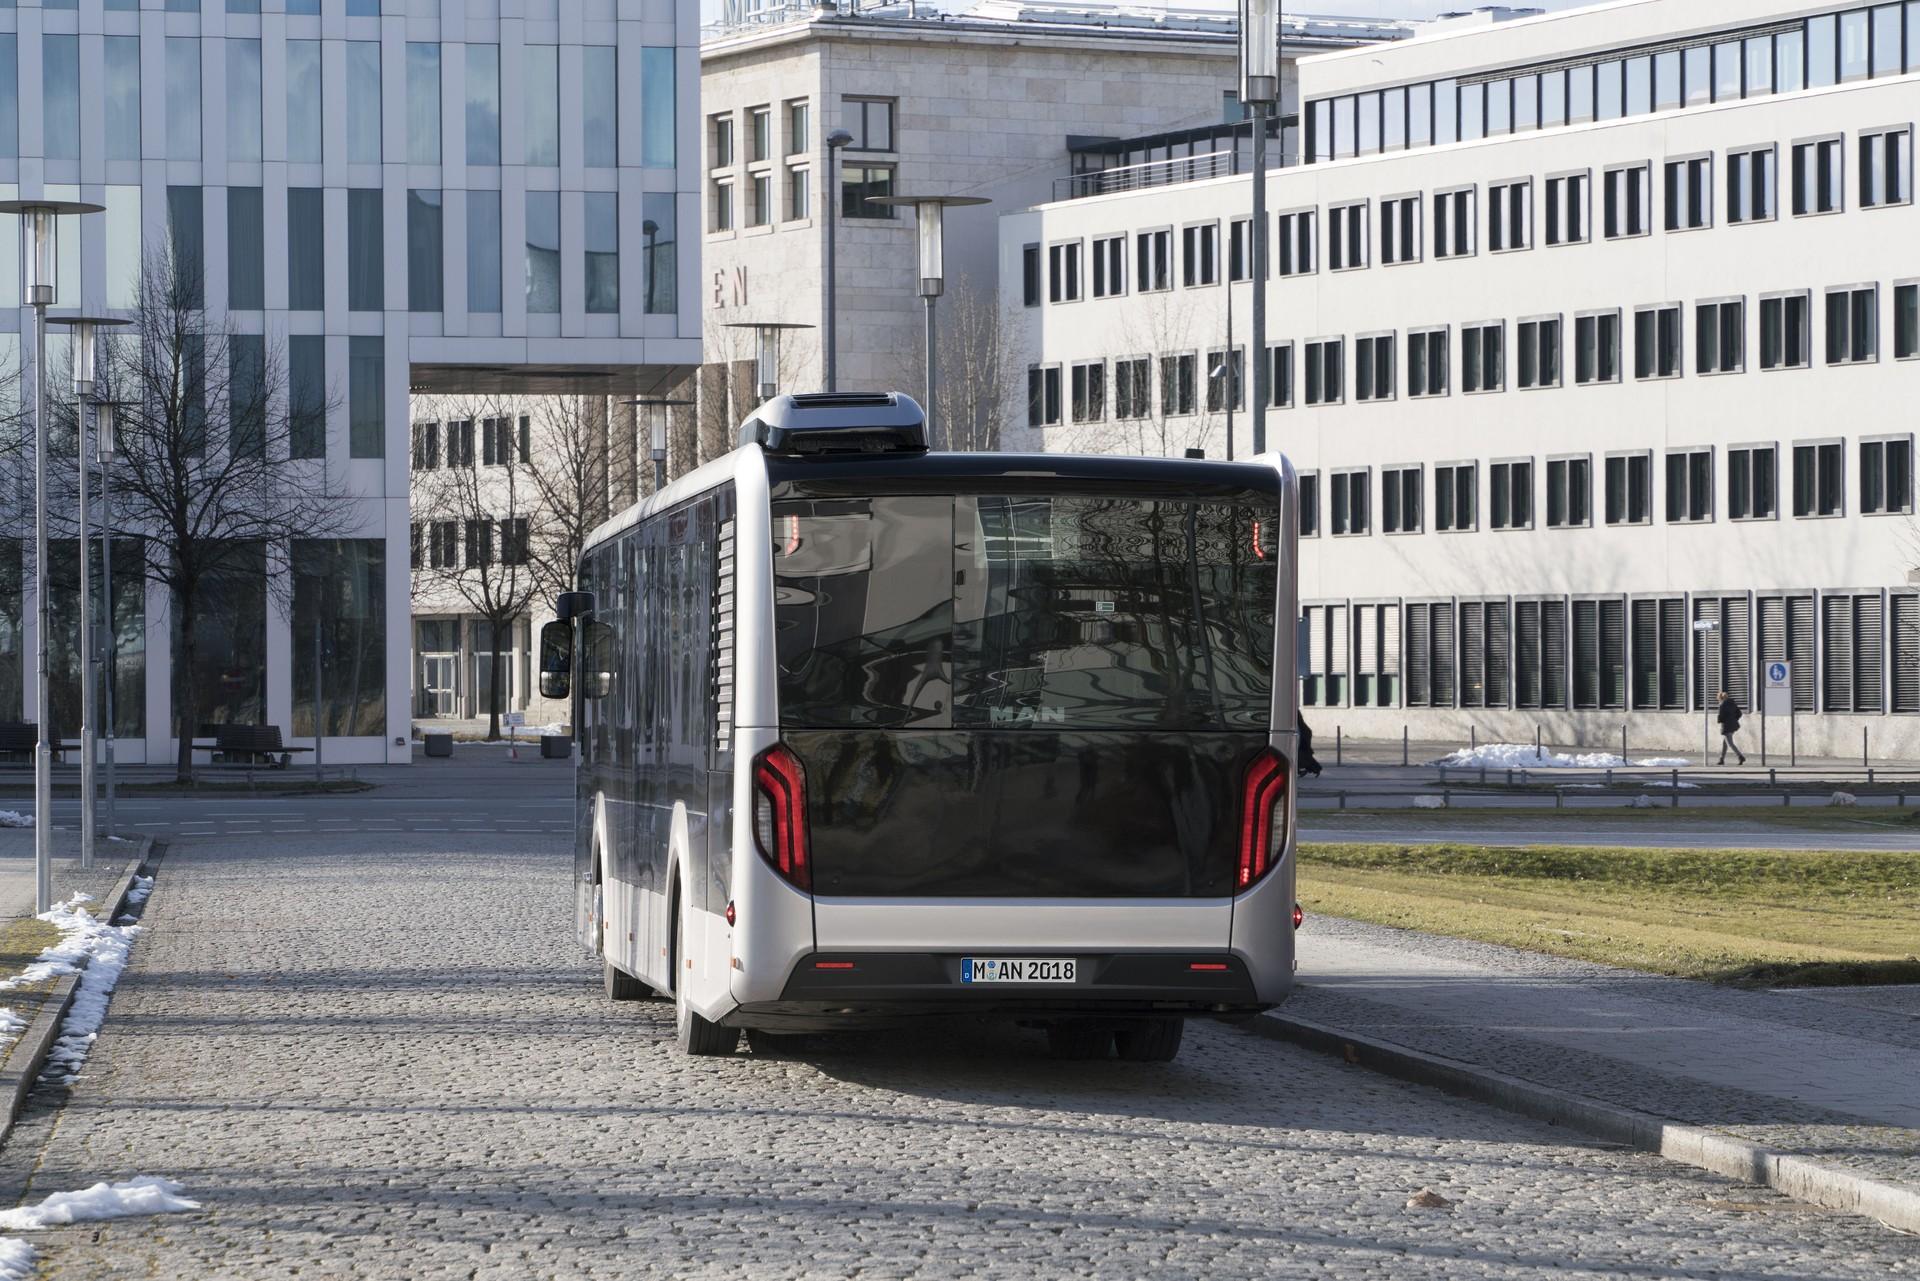 MAN EfficeinetHybrid, jehož modul lze vidět na této fotografii, nelze v žádném případě požadovat za řešení klasického hybridu. Jedná se jen o pomocníka, který využívá přeměnu kinetické energie na elektrickou, která ale není následně používána přímo v pohonu vozidla. (foto: MAN Truck & Bus)